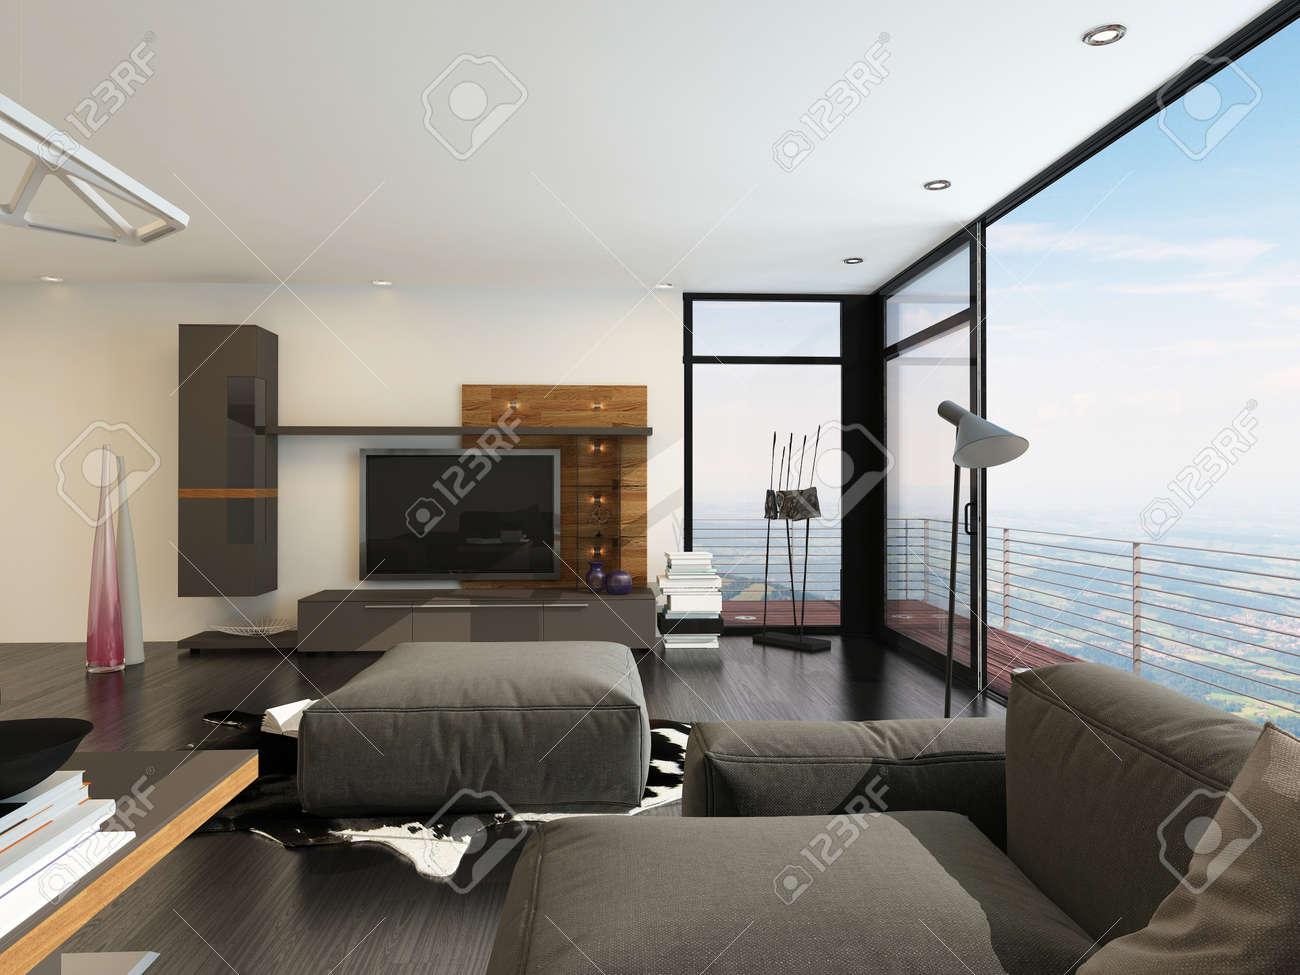 Chique woonkamer interieur met een grote flatscreen tv, bruin ...